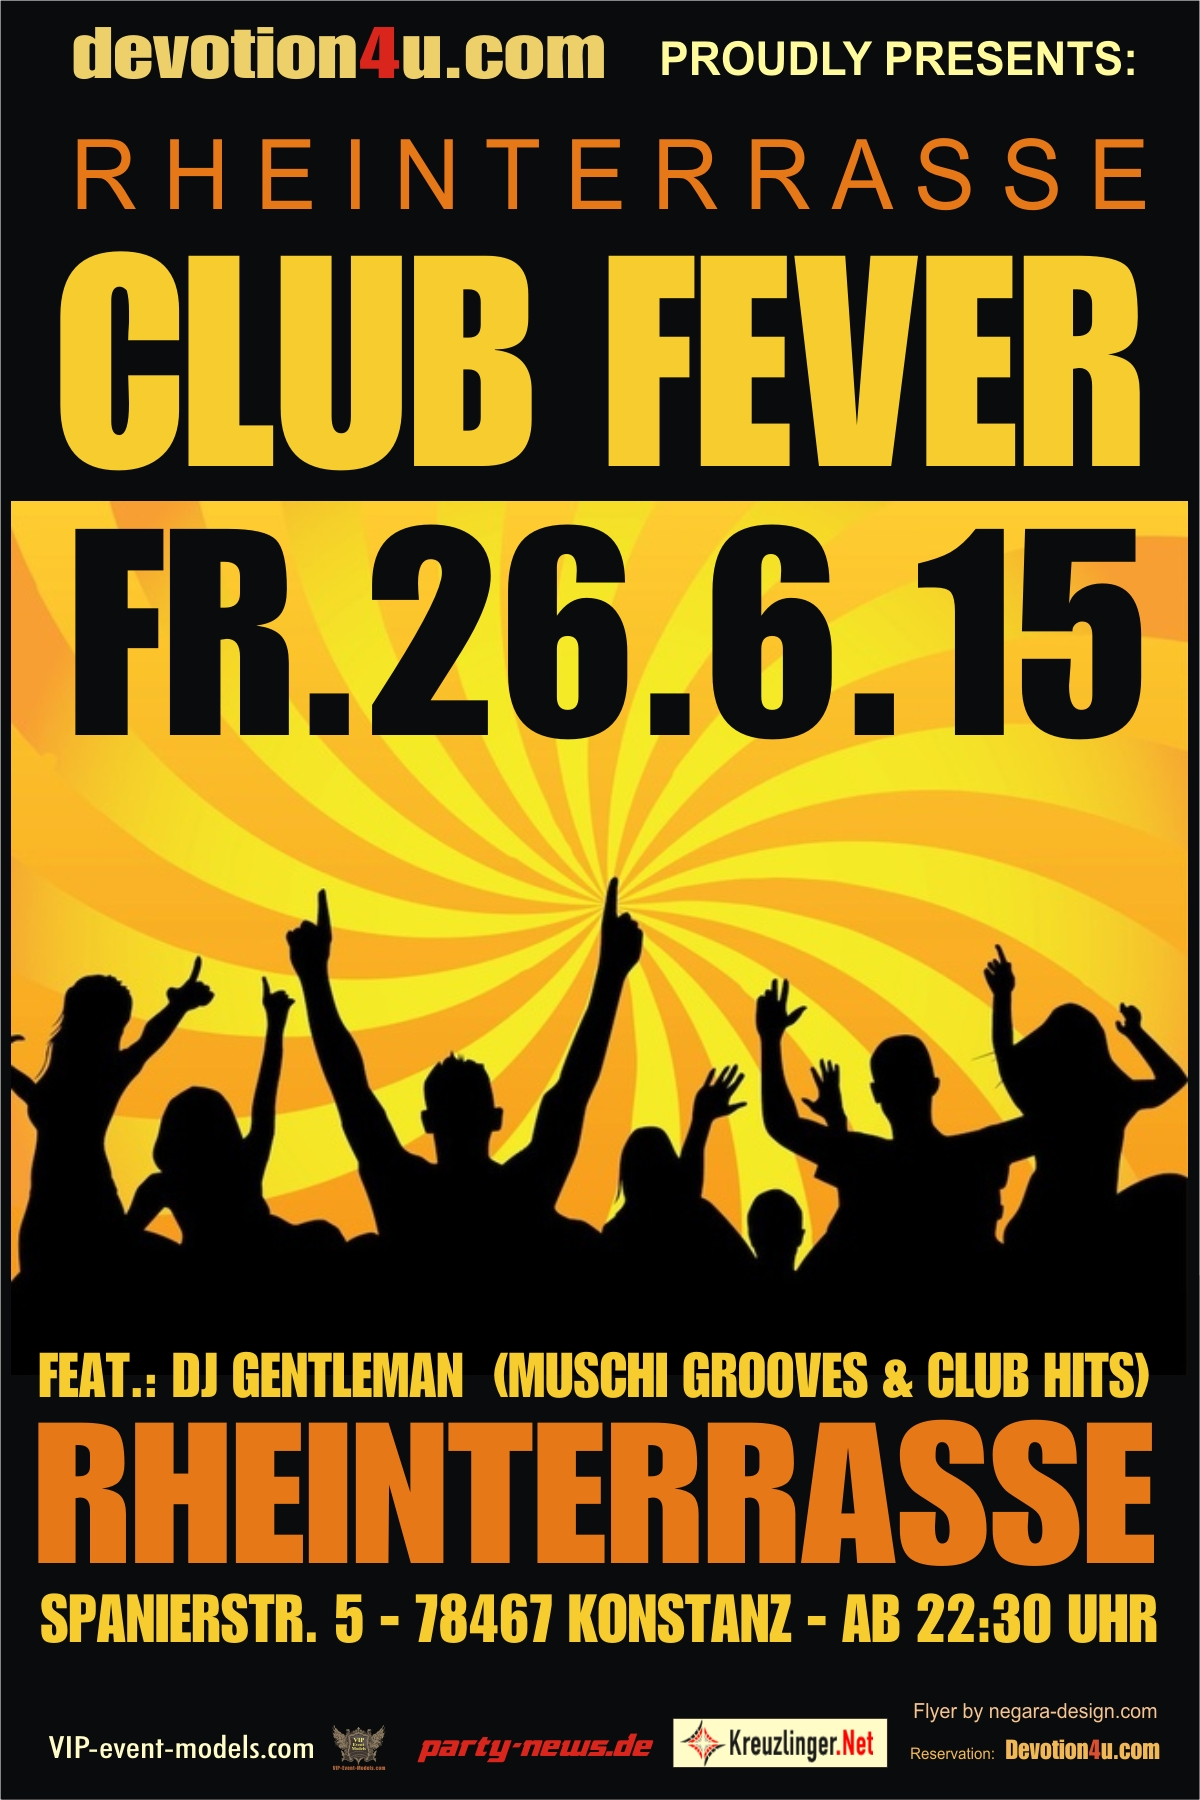 Club Fever – Fr. 26.6.15 – Rheinterrasse – Konstanz